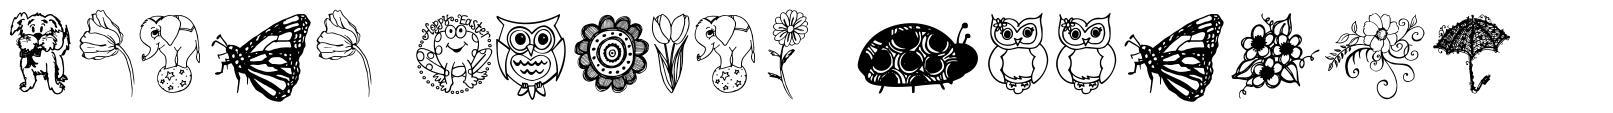 Janda Spring Doodles fonte